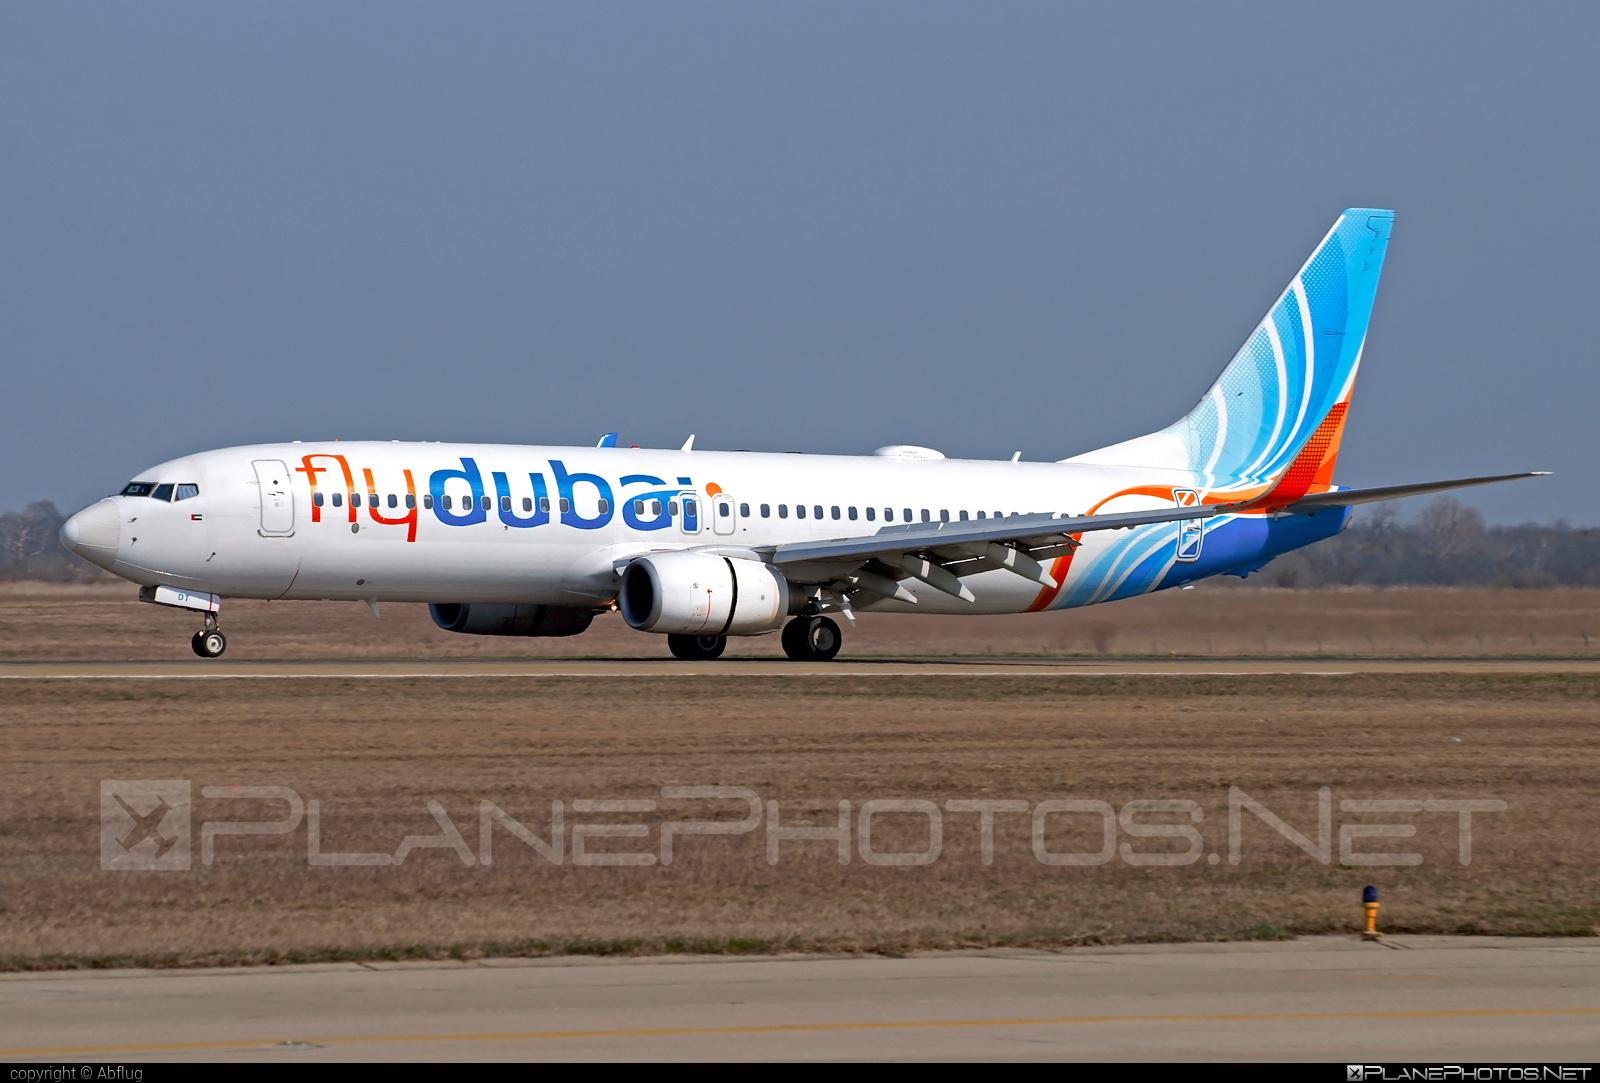 Boeing 737-800 - A6-FDT operated by flydubai #b737 #b737nextgen #b737ng #boeing #boeing737